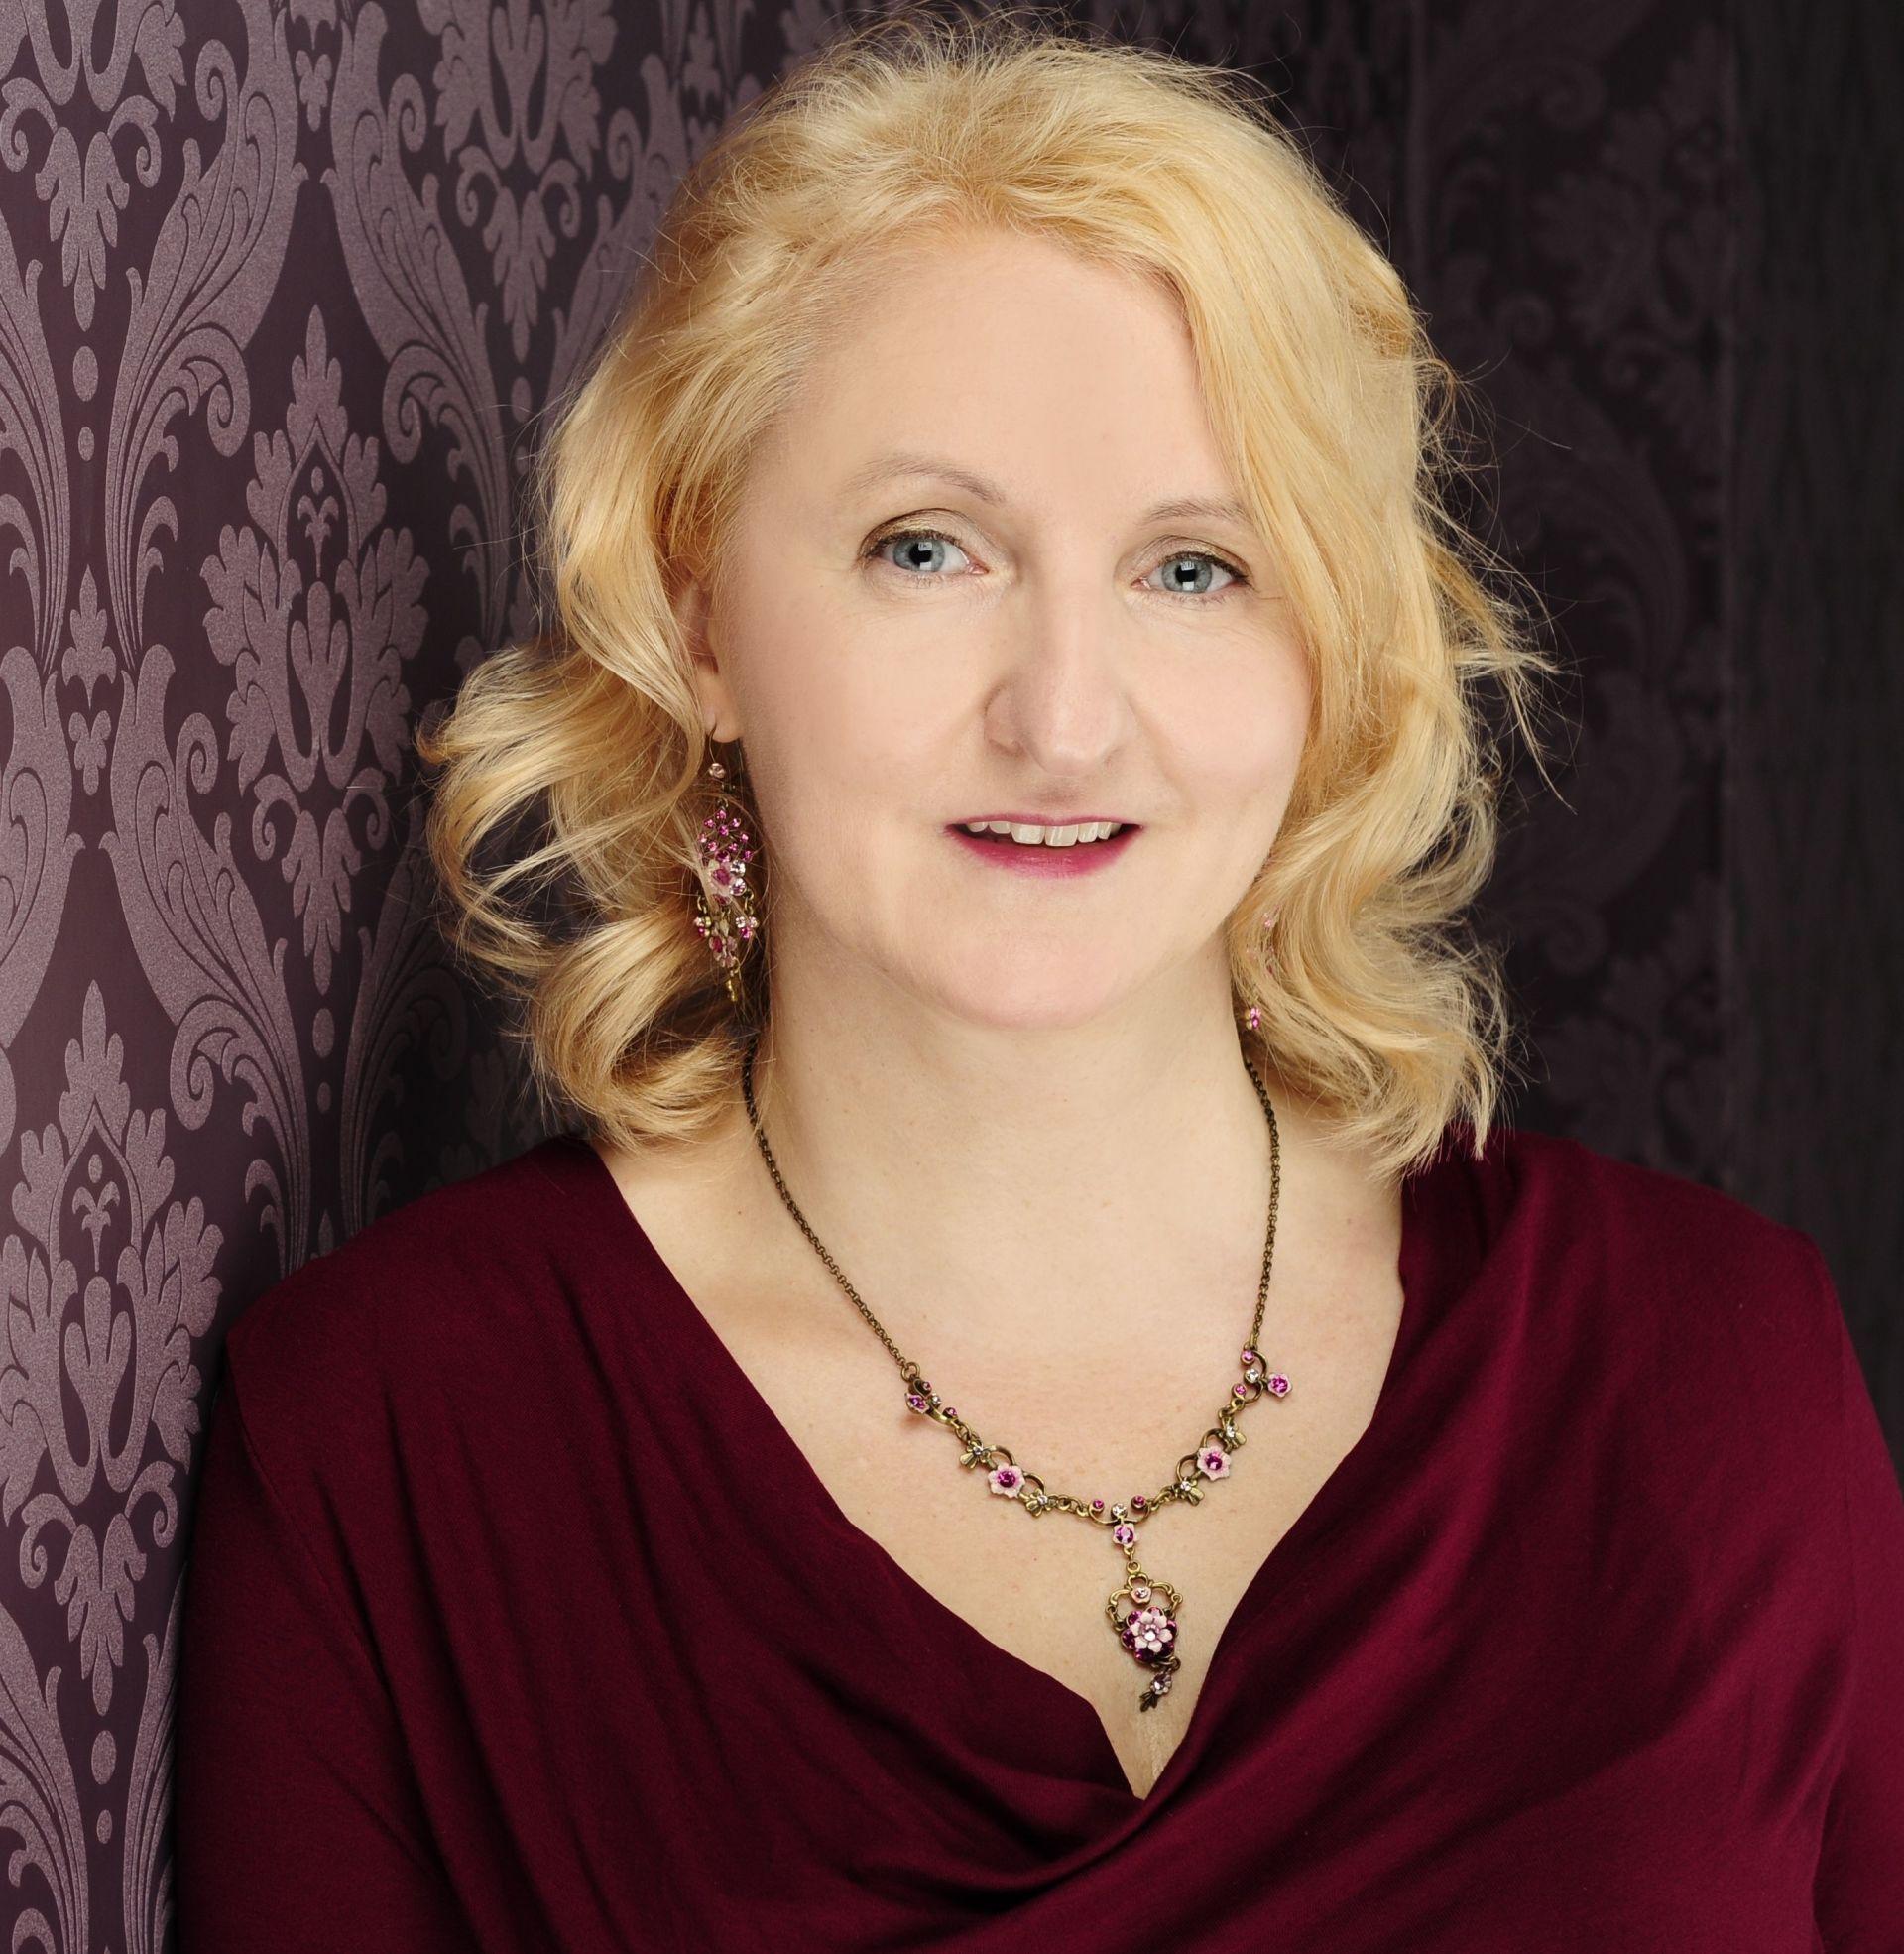 Susanne Eichhorn - Eichhorn Susanne